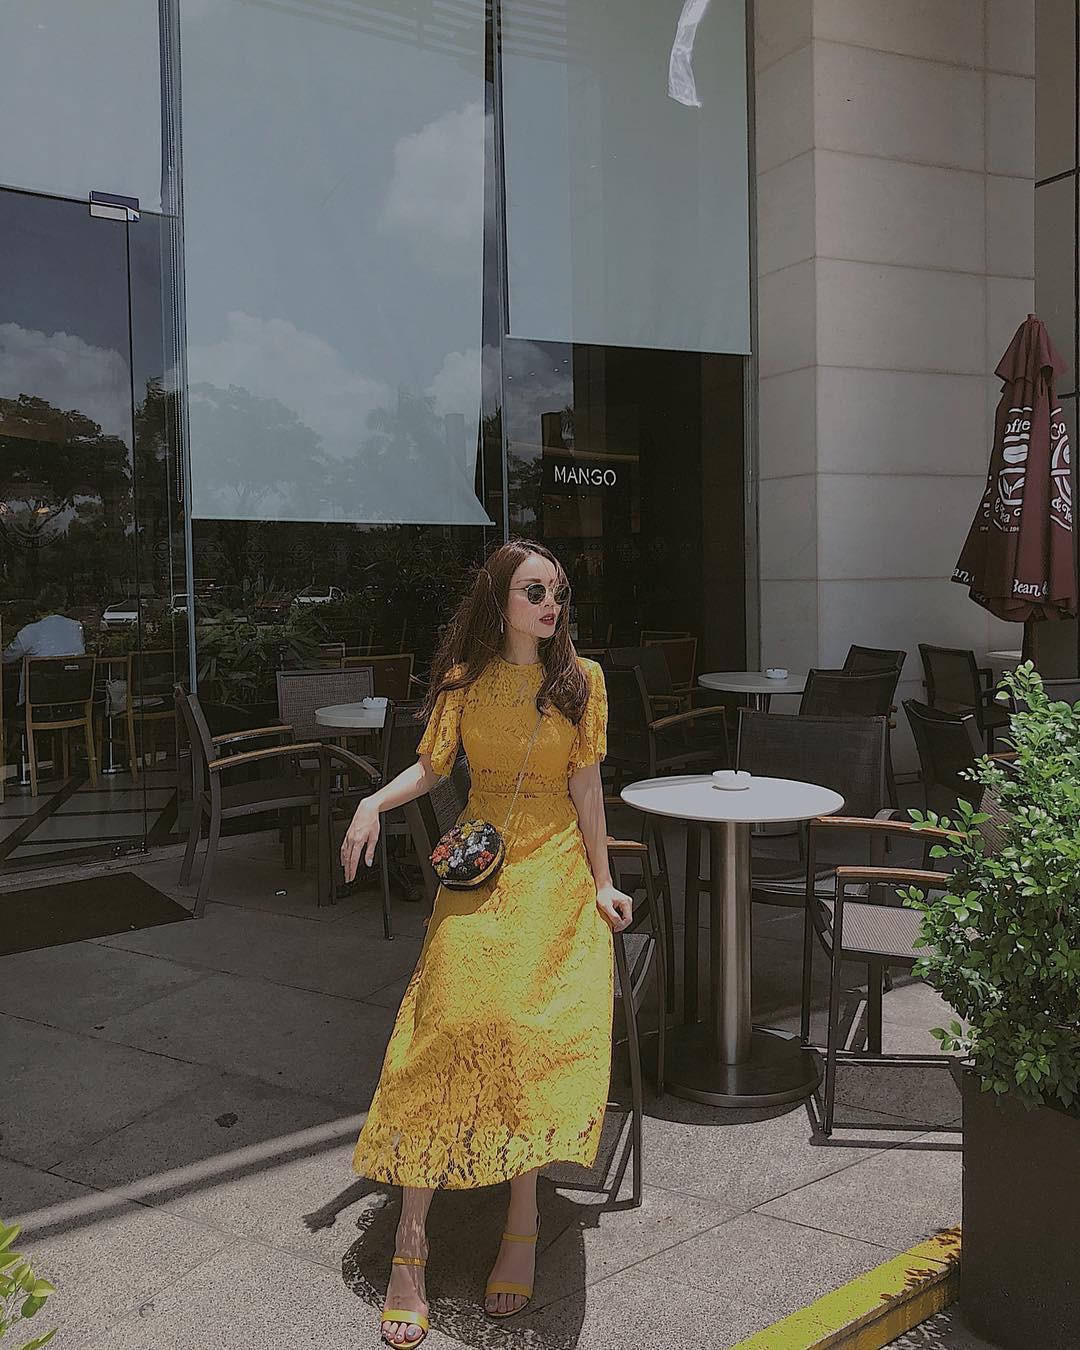 Khi xì tin lúc sang chảnh nhưng tựu trung, style của Yến Trang chính là nguồn cảm hứng tuyệt vời cho các chị em - Ảnh 7.